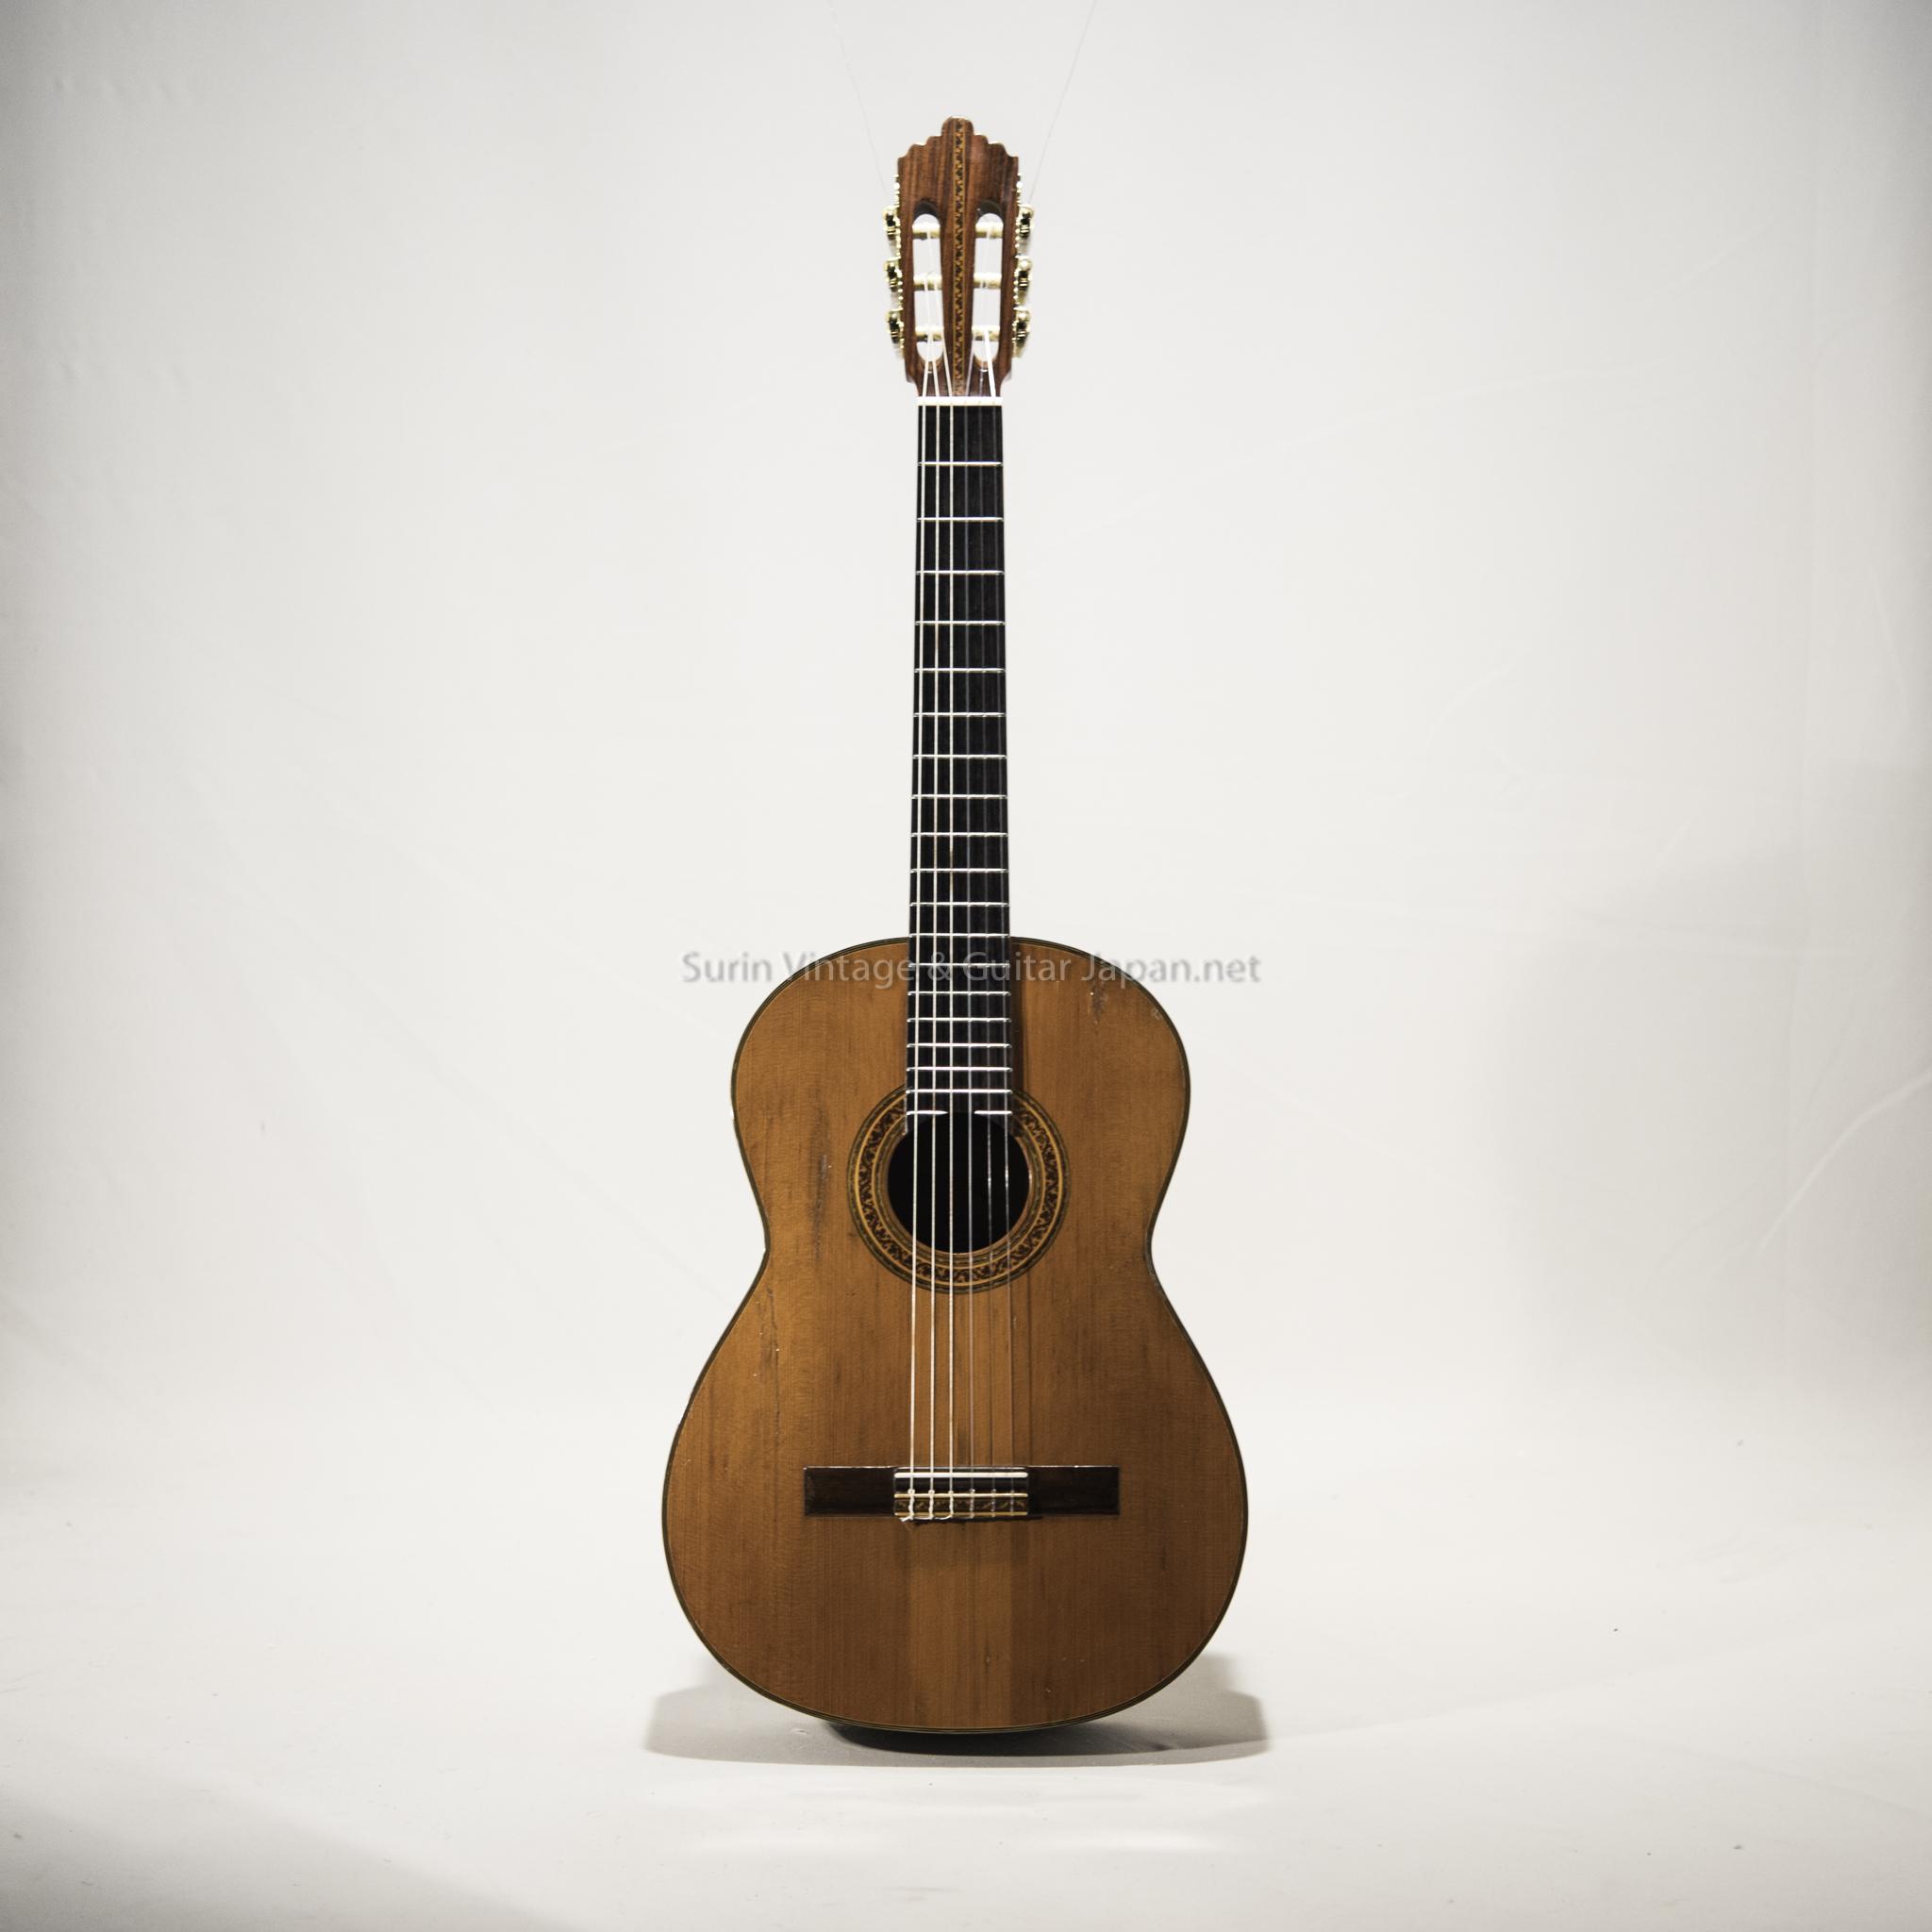 กีต้าร์คลาสสิคมือสอง Classic Guitar Vintage japan No.11 (Top Solid Spruce)